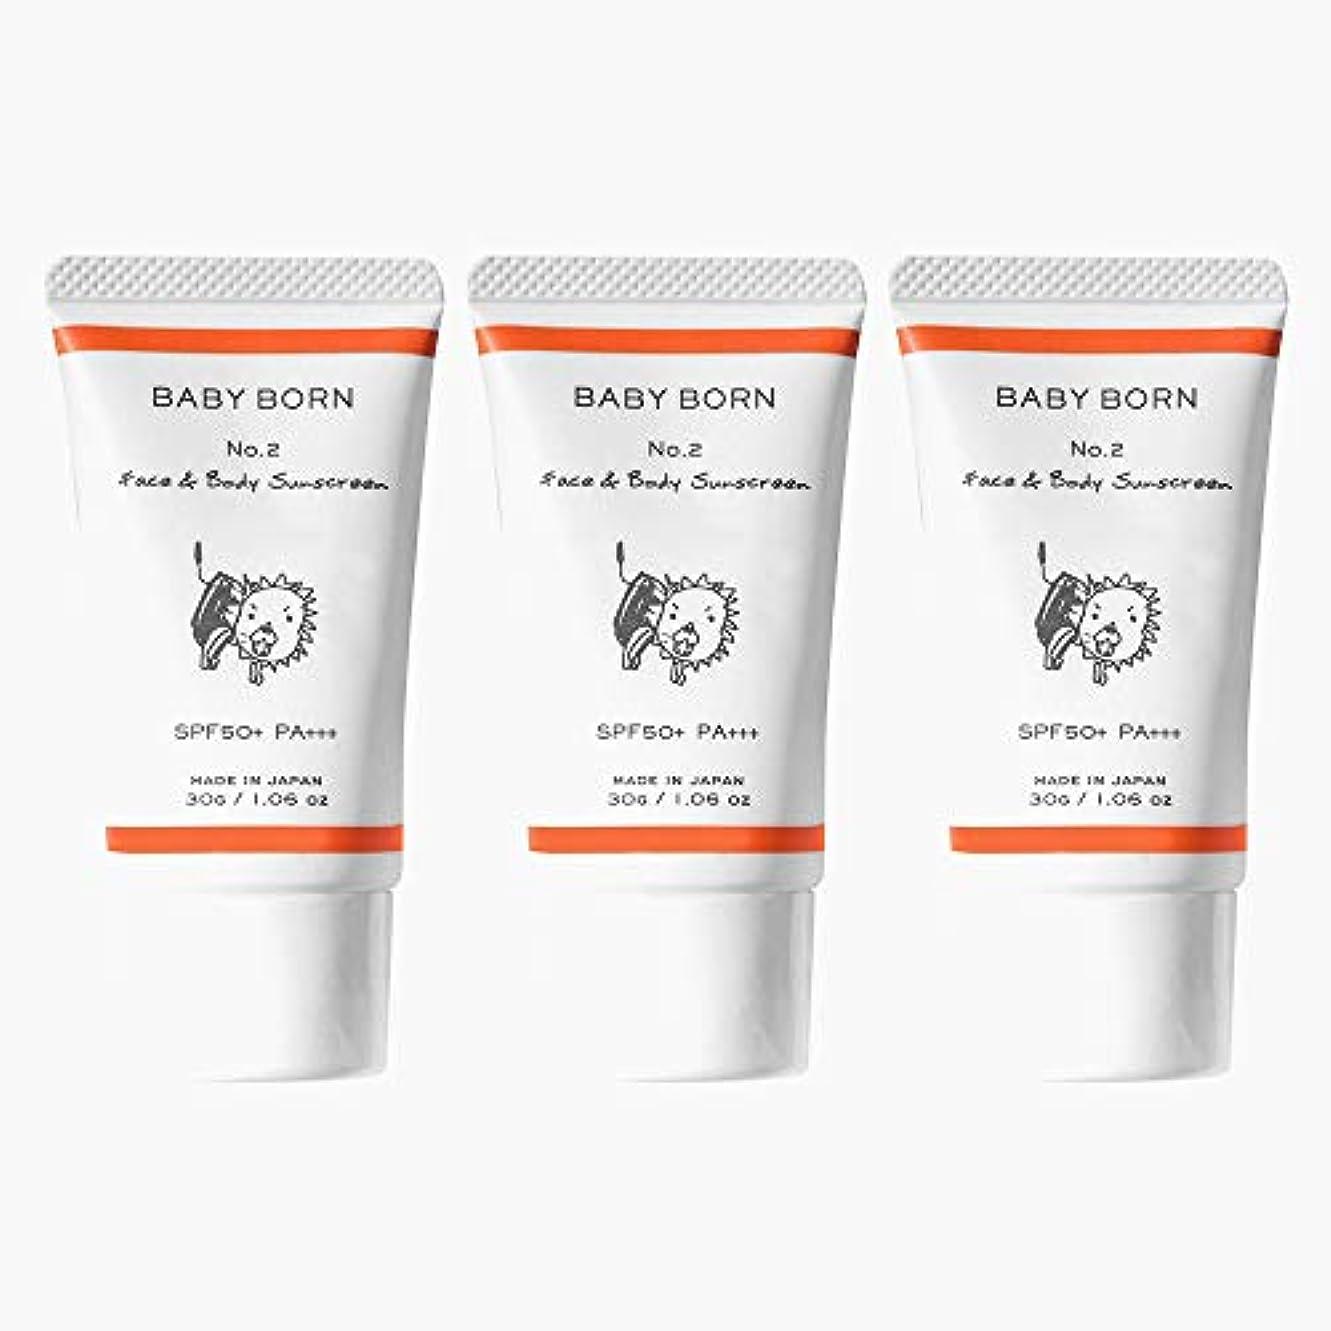 意志満足させる奇跡的な日焼け止め 赤ちゃんや子どもにも使えるBABY BORN(ベビーボーン) Face&Body Sunscreen 3個セット 日焼け止め UV ケア 東原亜希 高橋ミカ 共同開発 SPF50+/PA++++